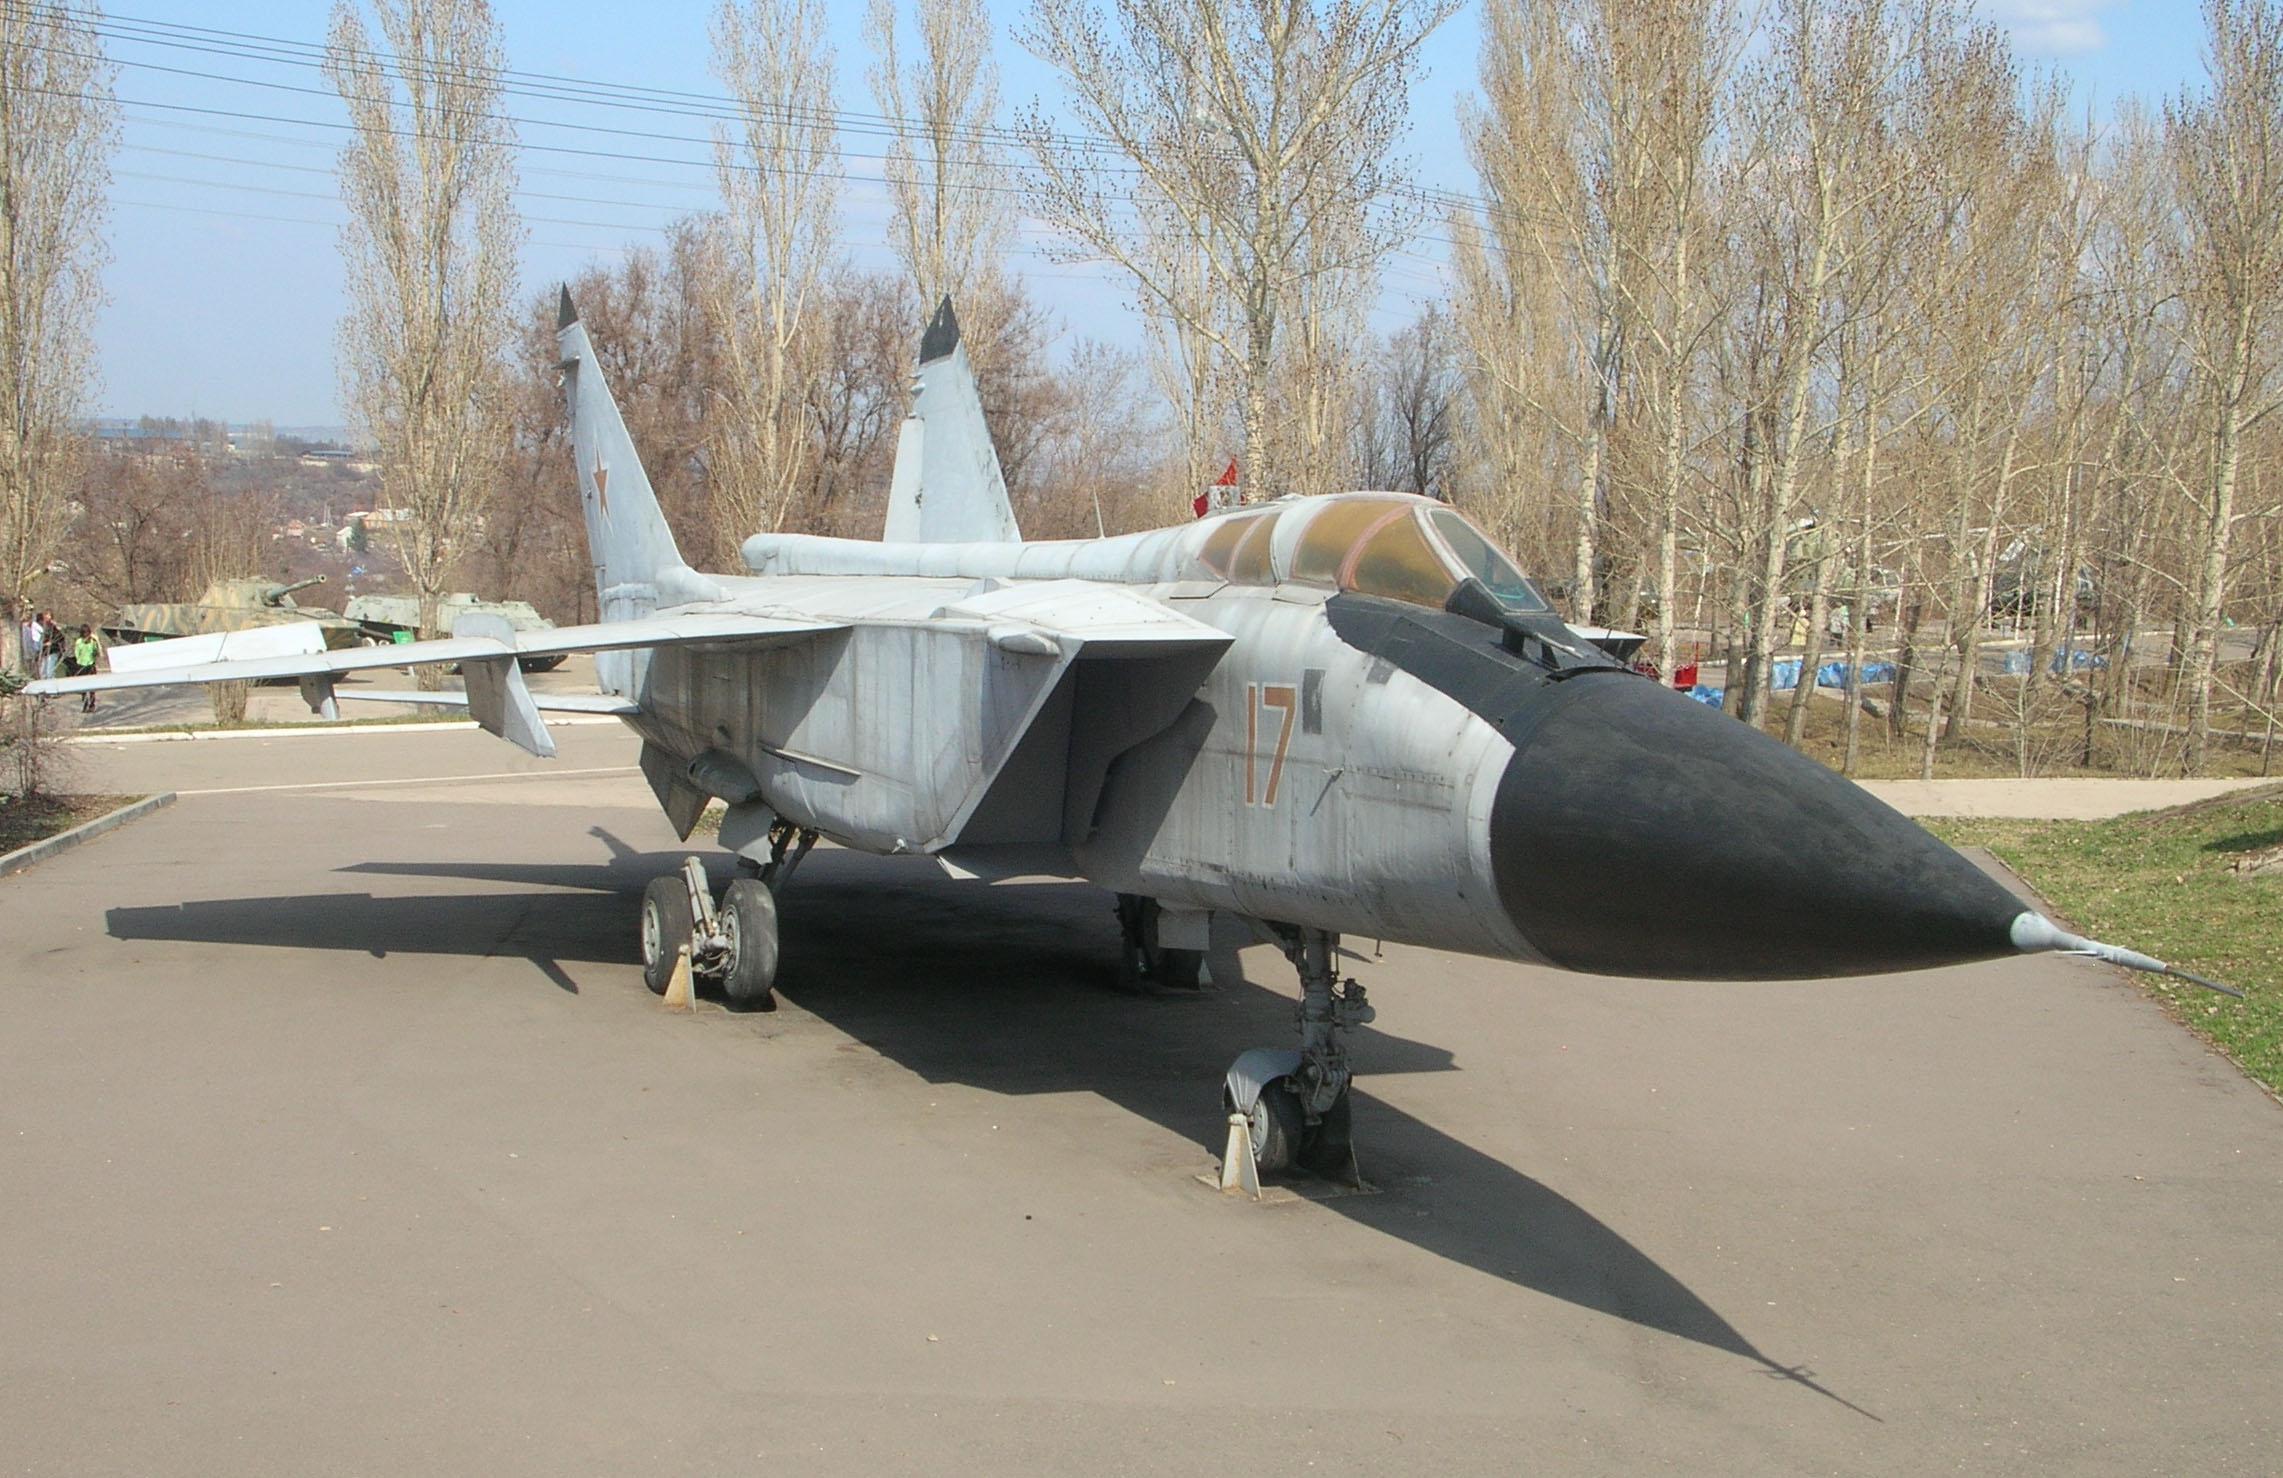 朝鲜米格31战斗机_米格 31战斗机-米格 25战斗机|米格 15战斗机|朝鲜米格31战斗机 ...